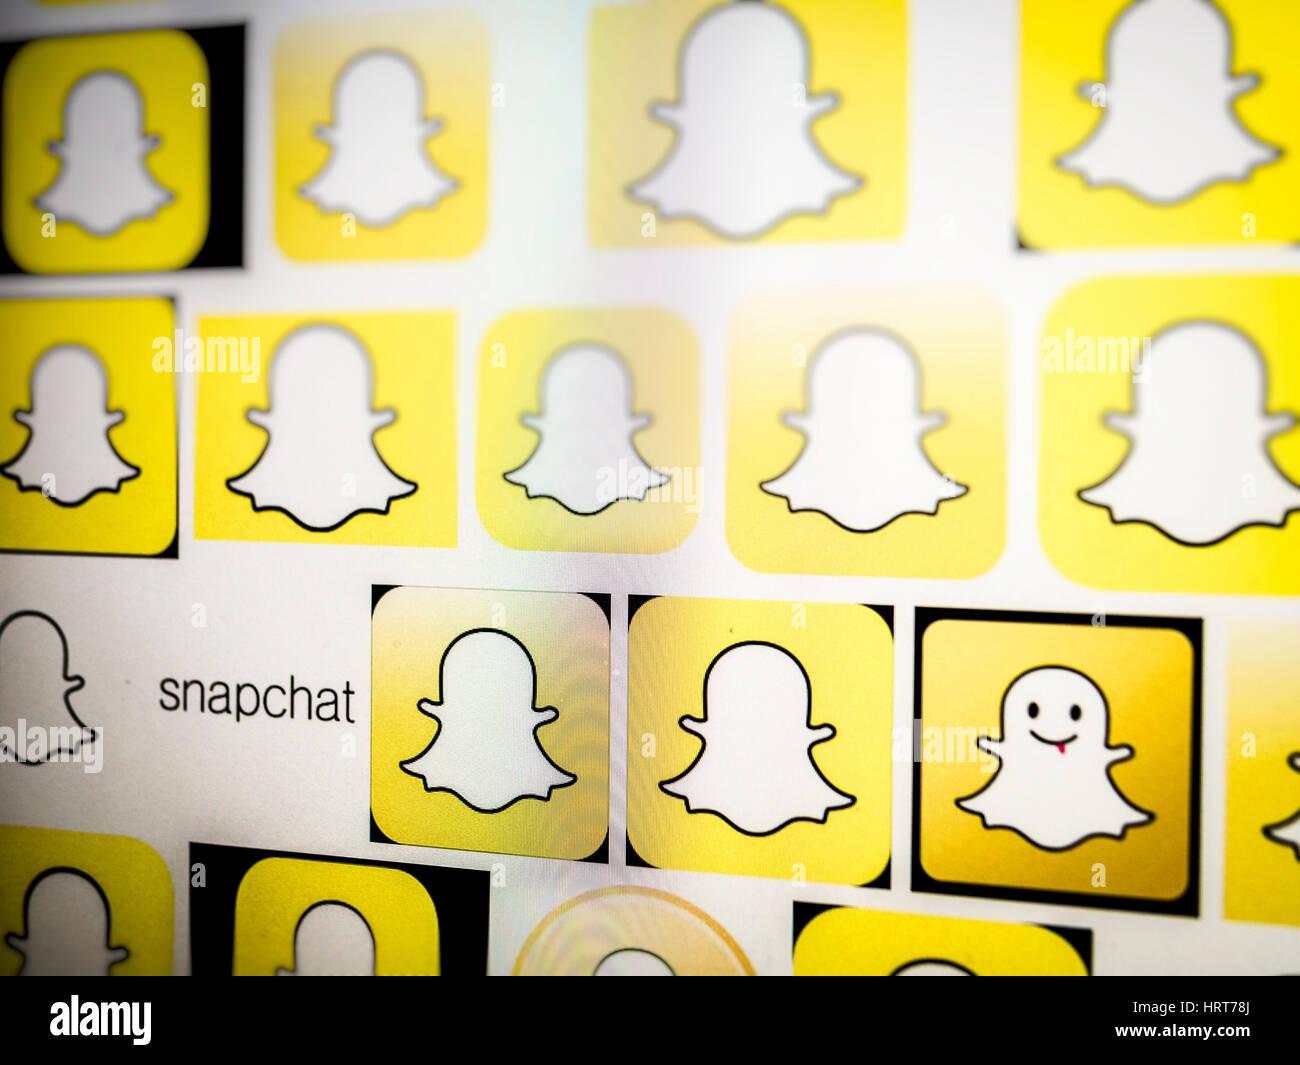 Logo Snapchat su un sito web, Snapchat è un Social Media platform lanciata per la prima volta nel 2011. Immagini Stock